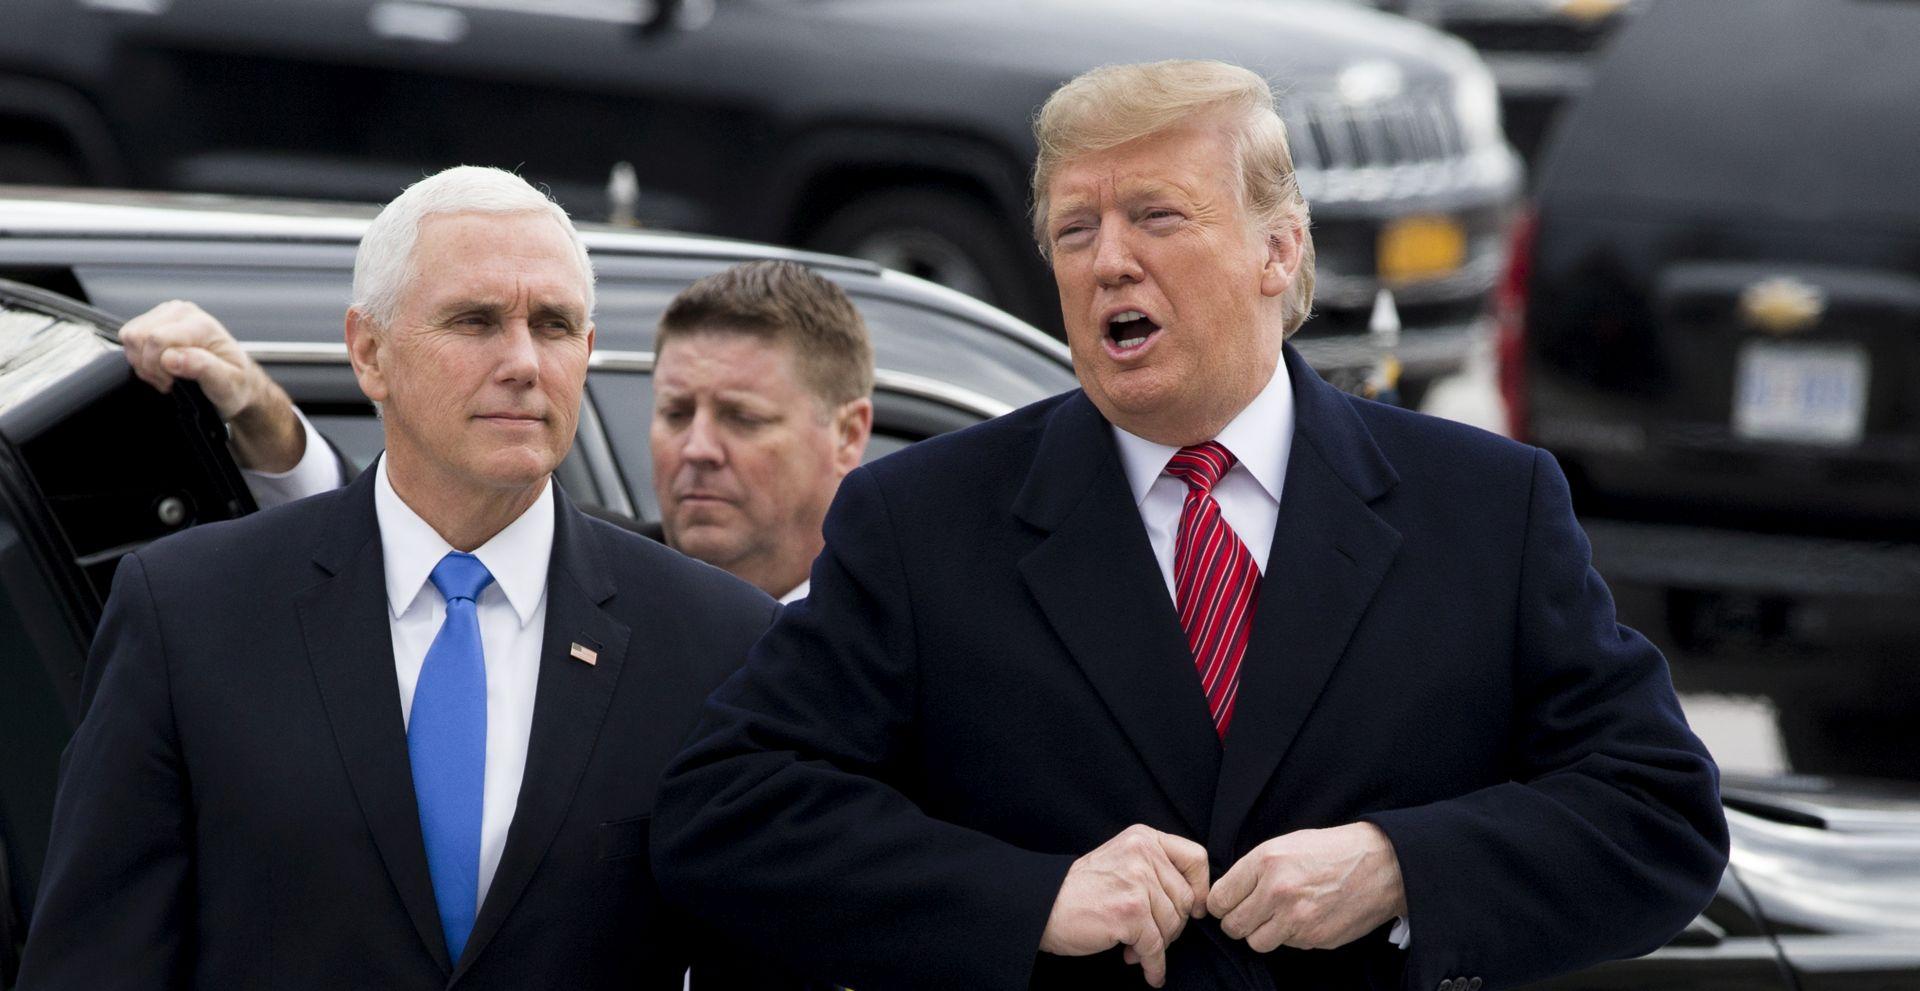 Trump prekinuo sastanak s demokratima u vezi sa zidom